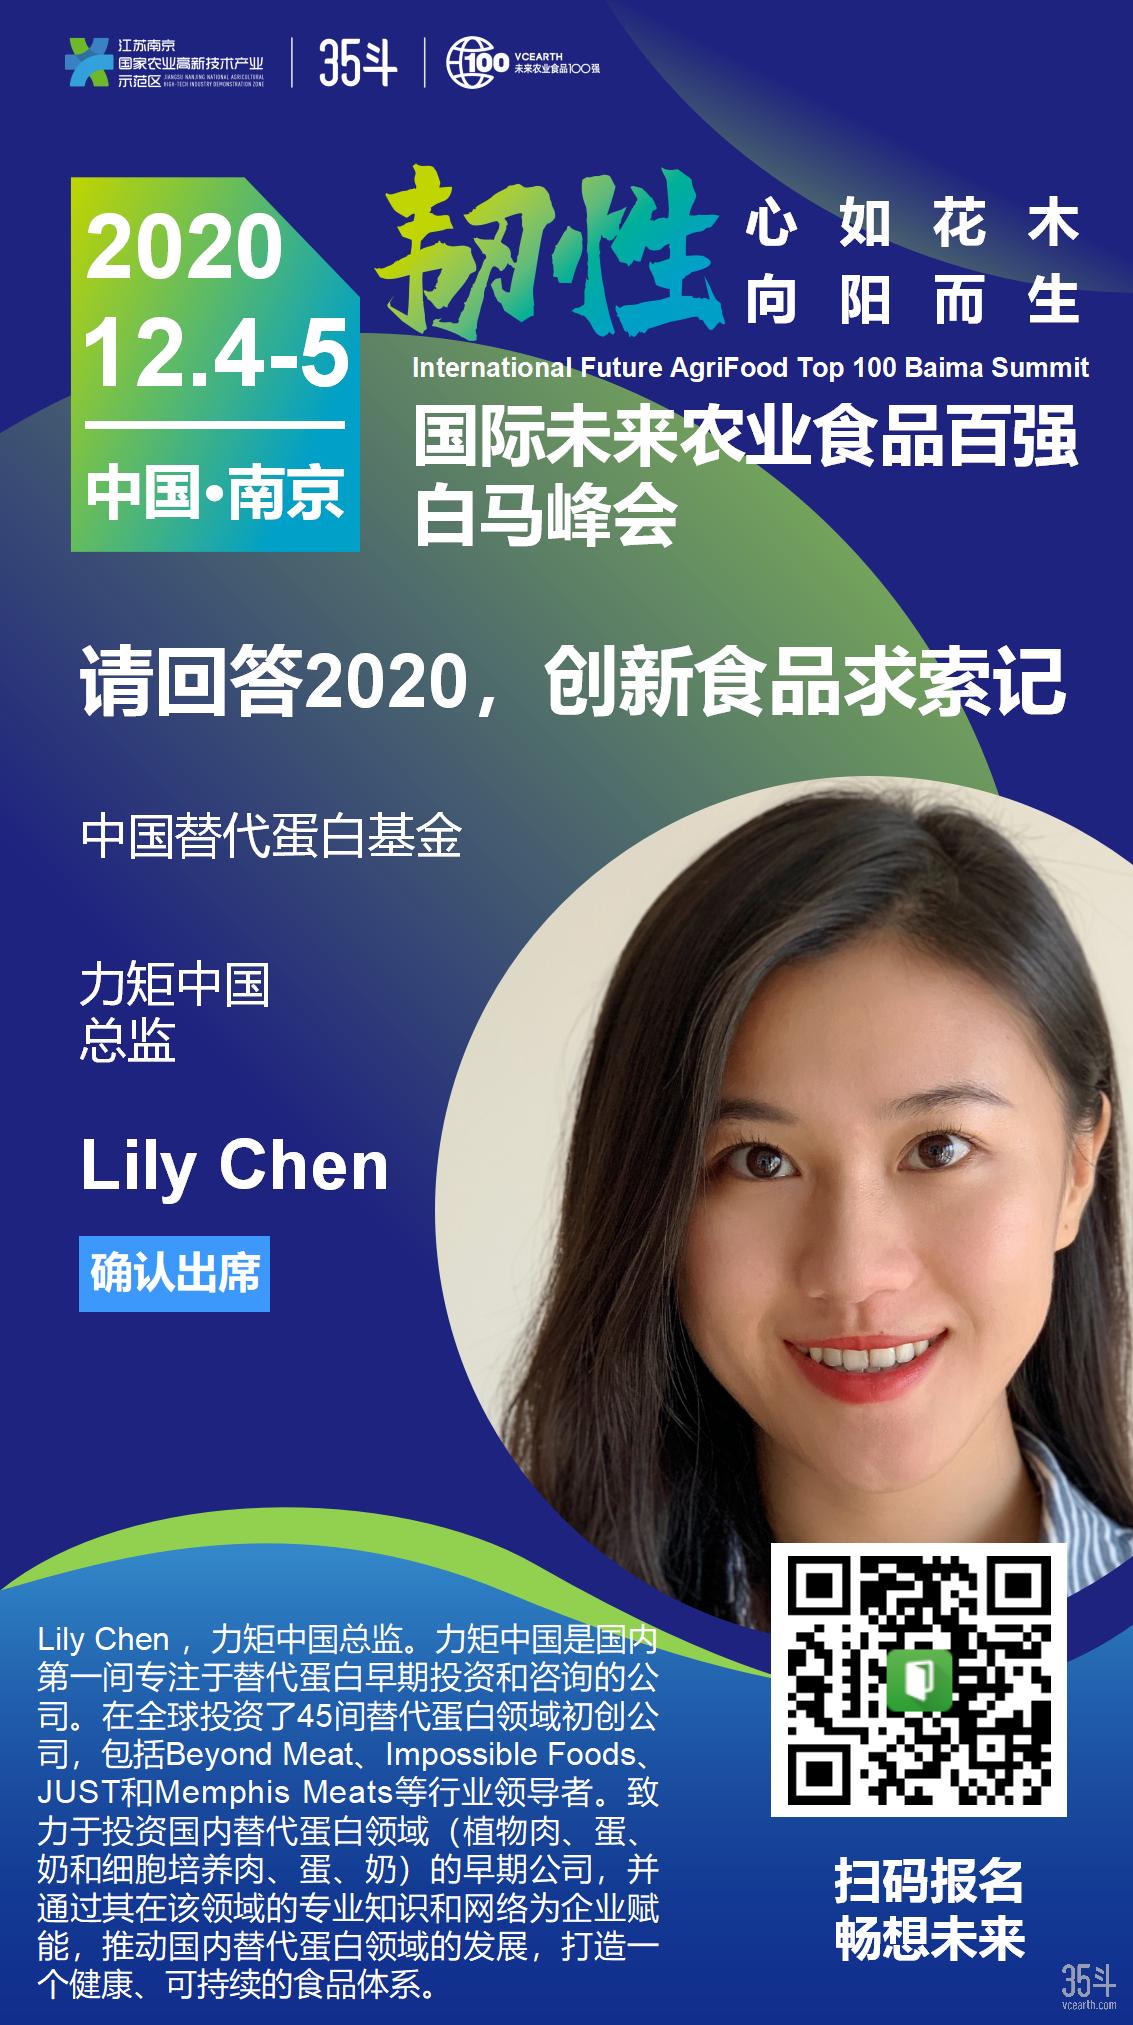 力矩中国-Lily Chen_01.png